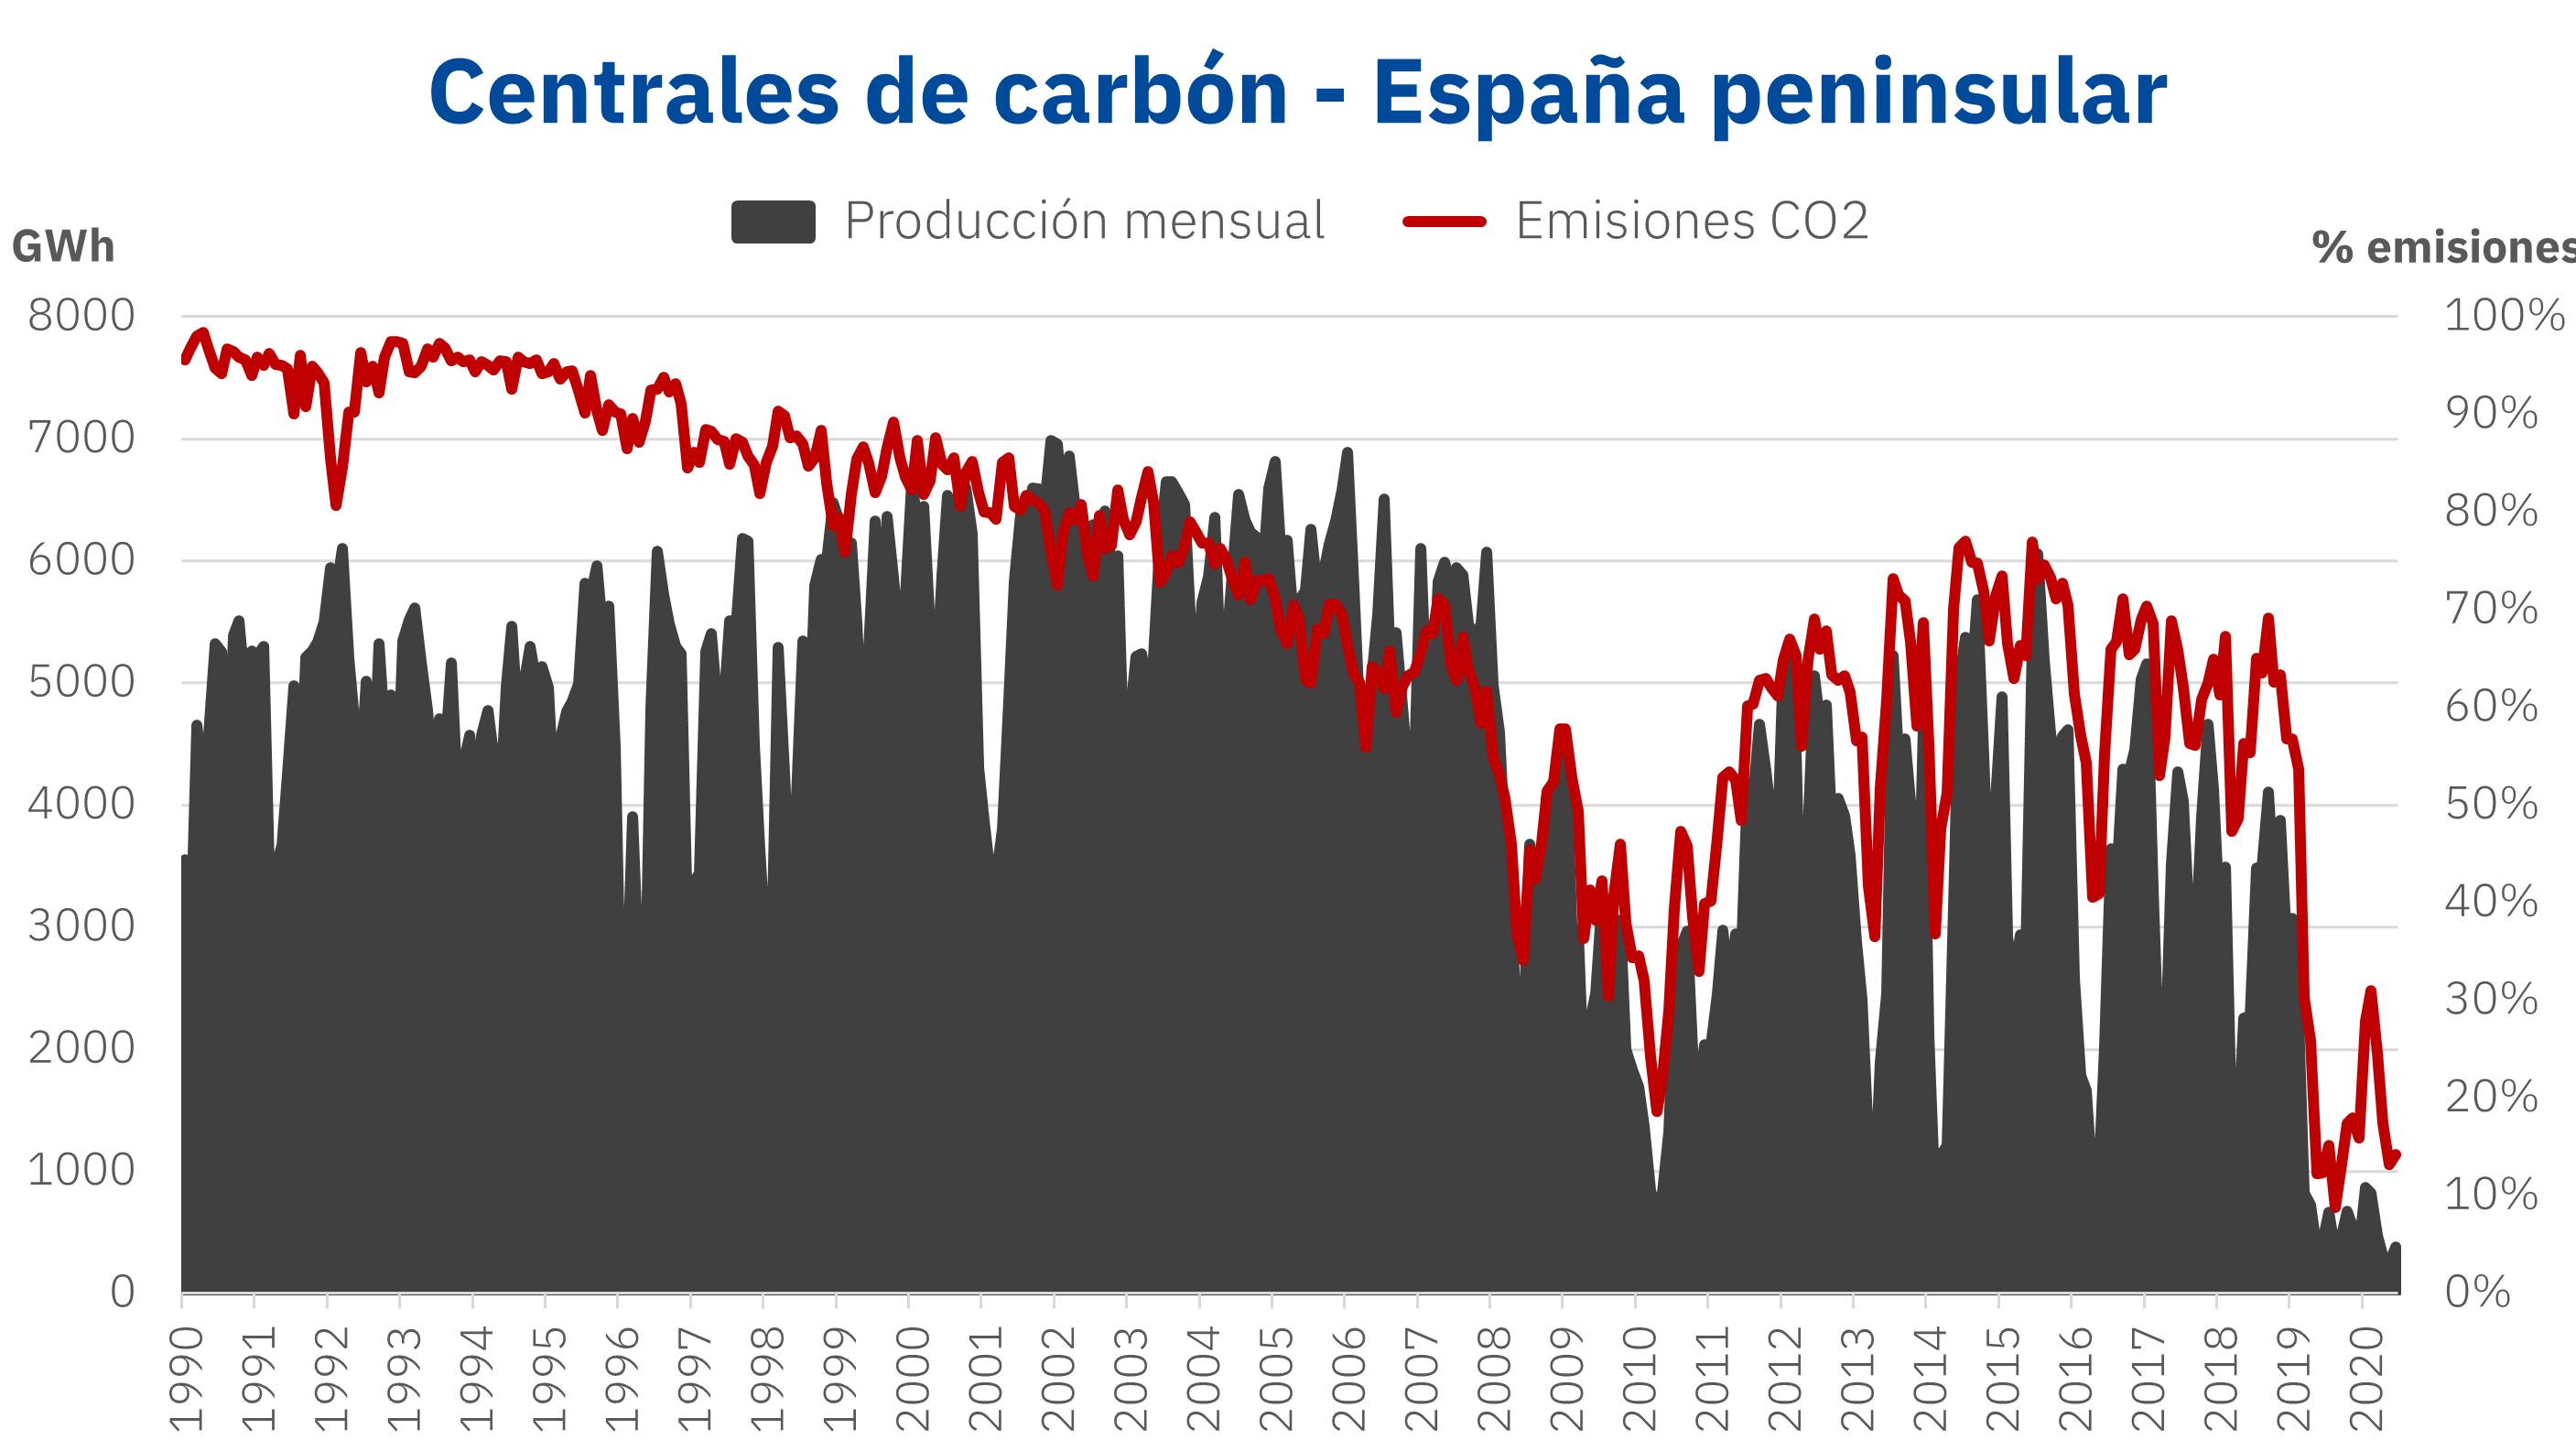 Fotografia Producción con carbón y emisones de CO2 en España